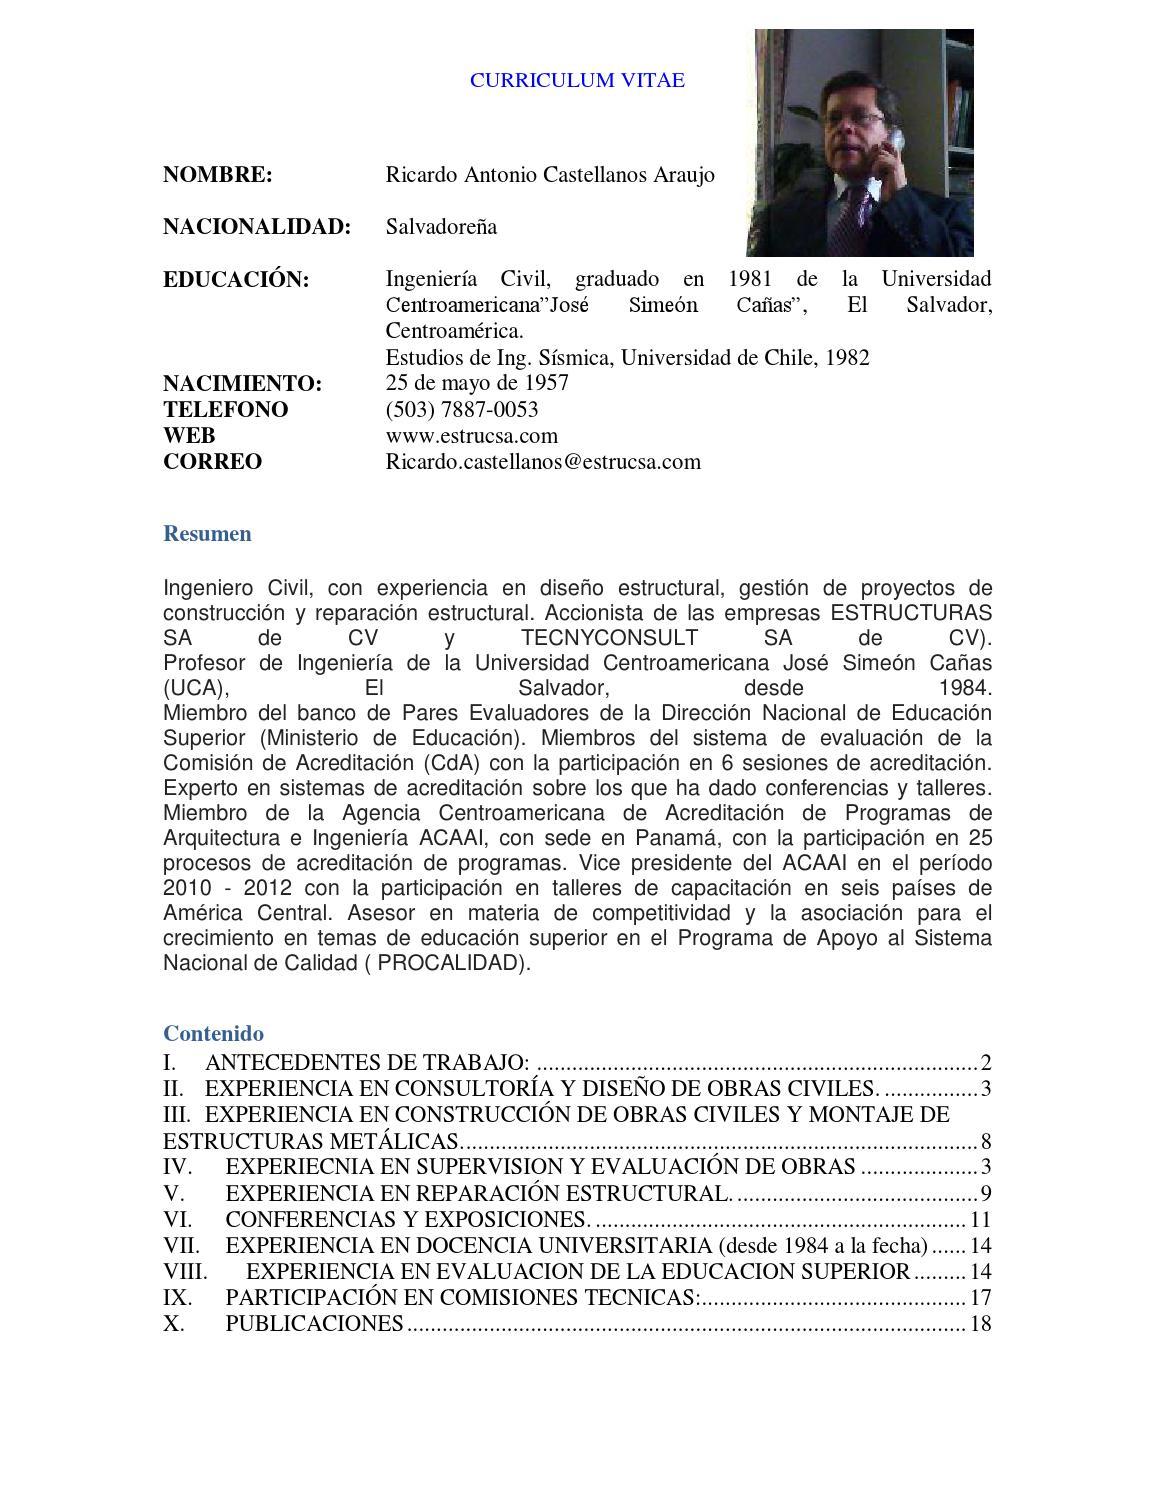 Curriculum r castellanos mayo 2013 by Ricardo Castellanos - issuu